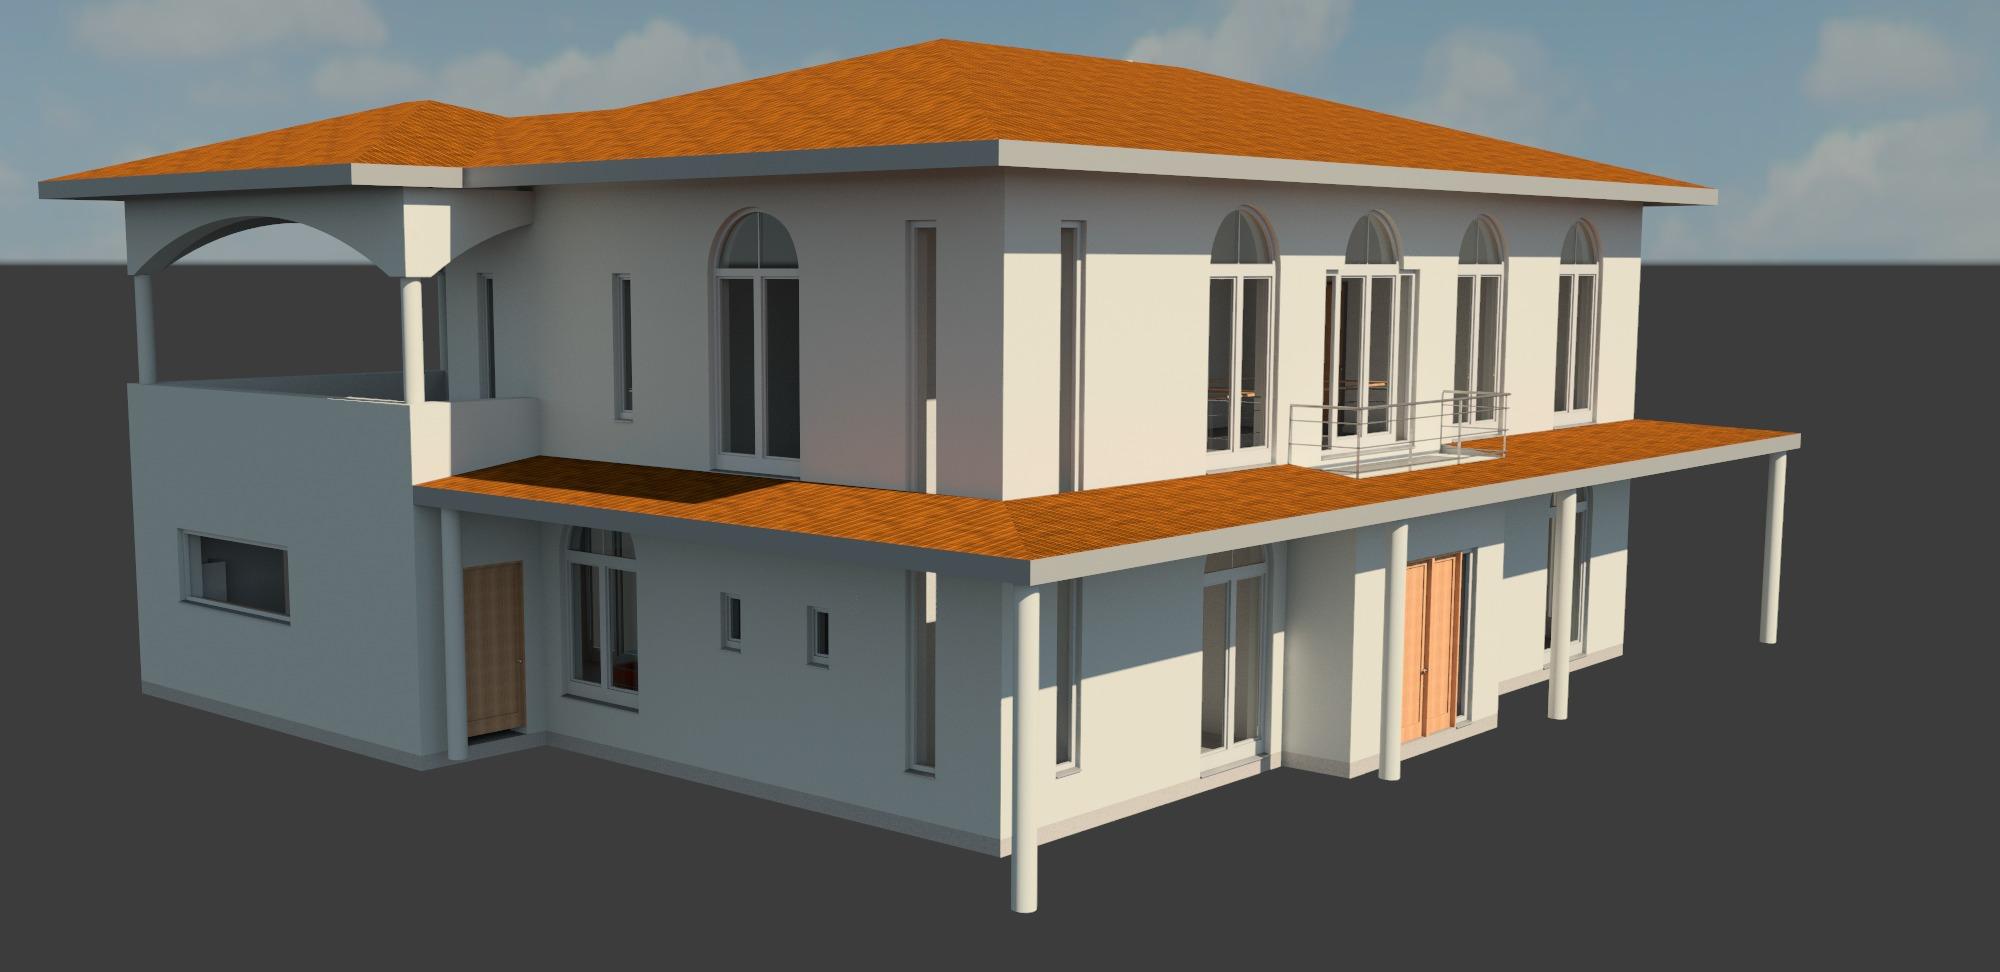 Raas-rendering20150225-483-1khafbb